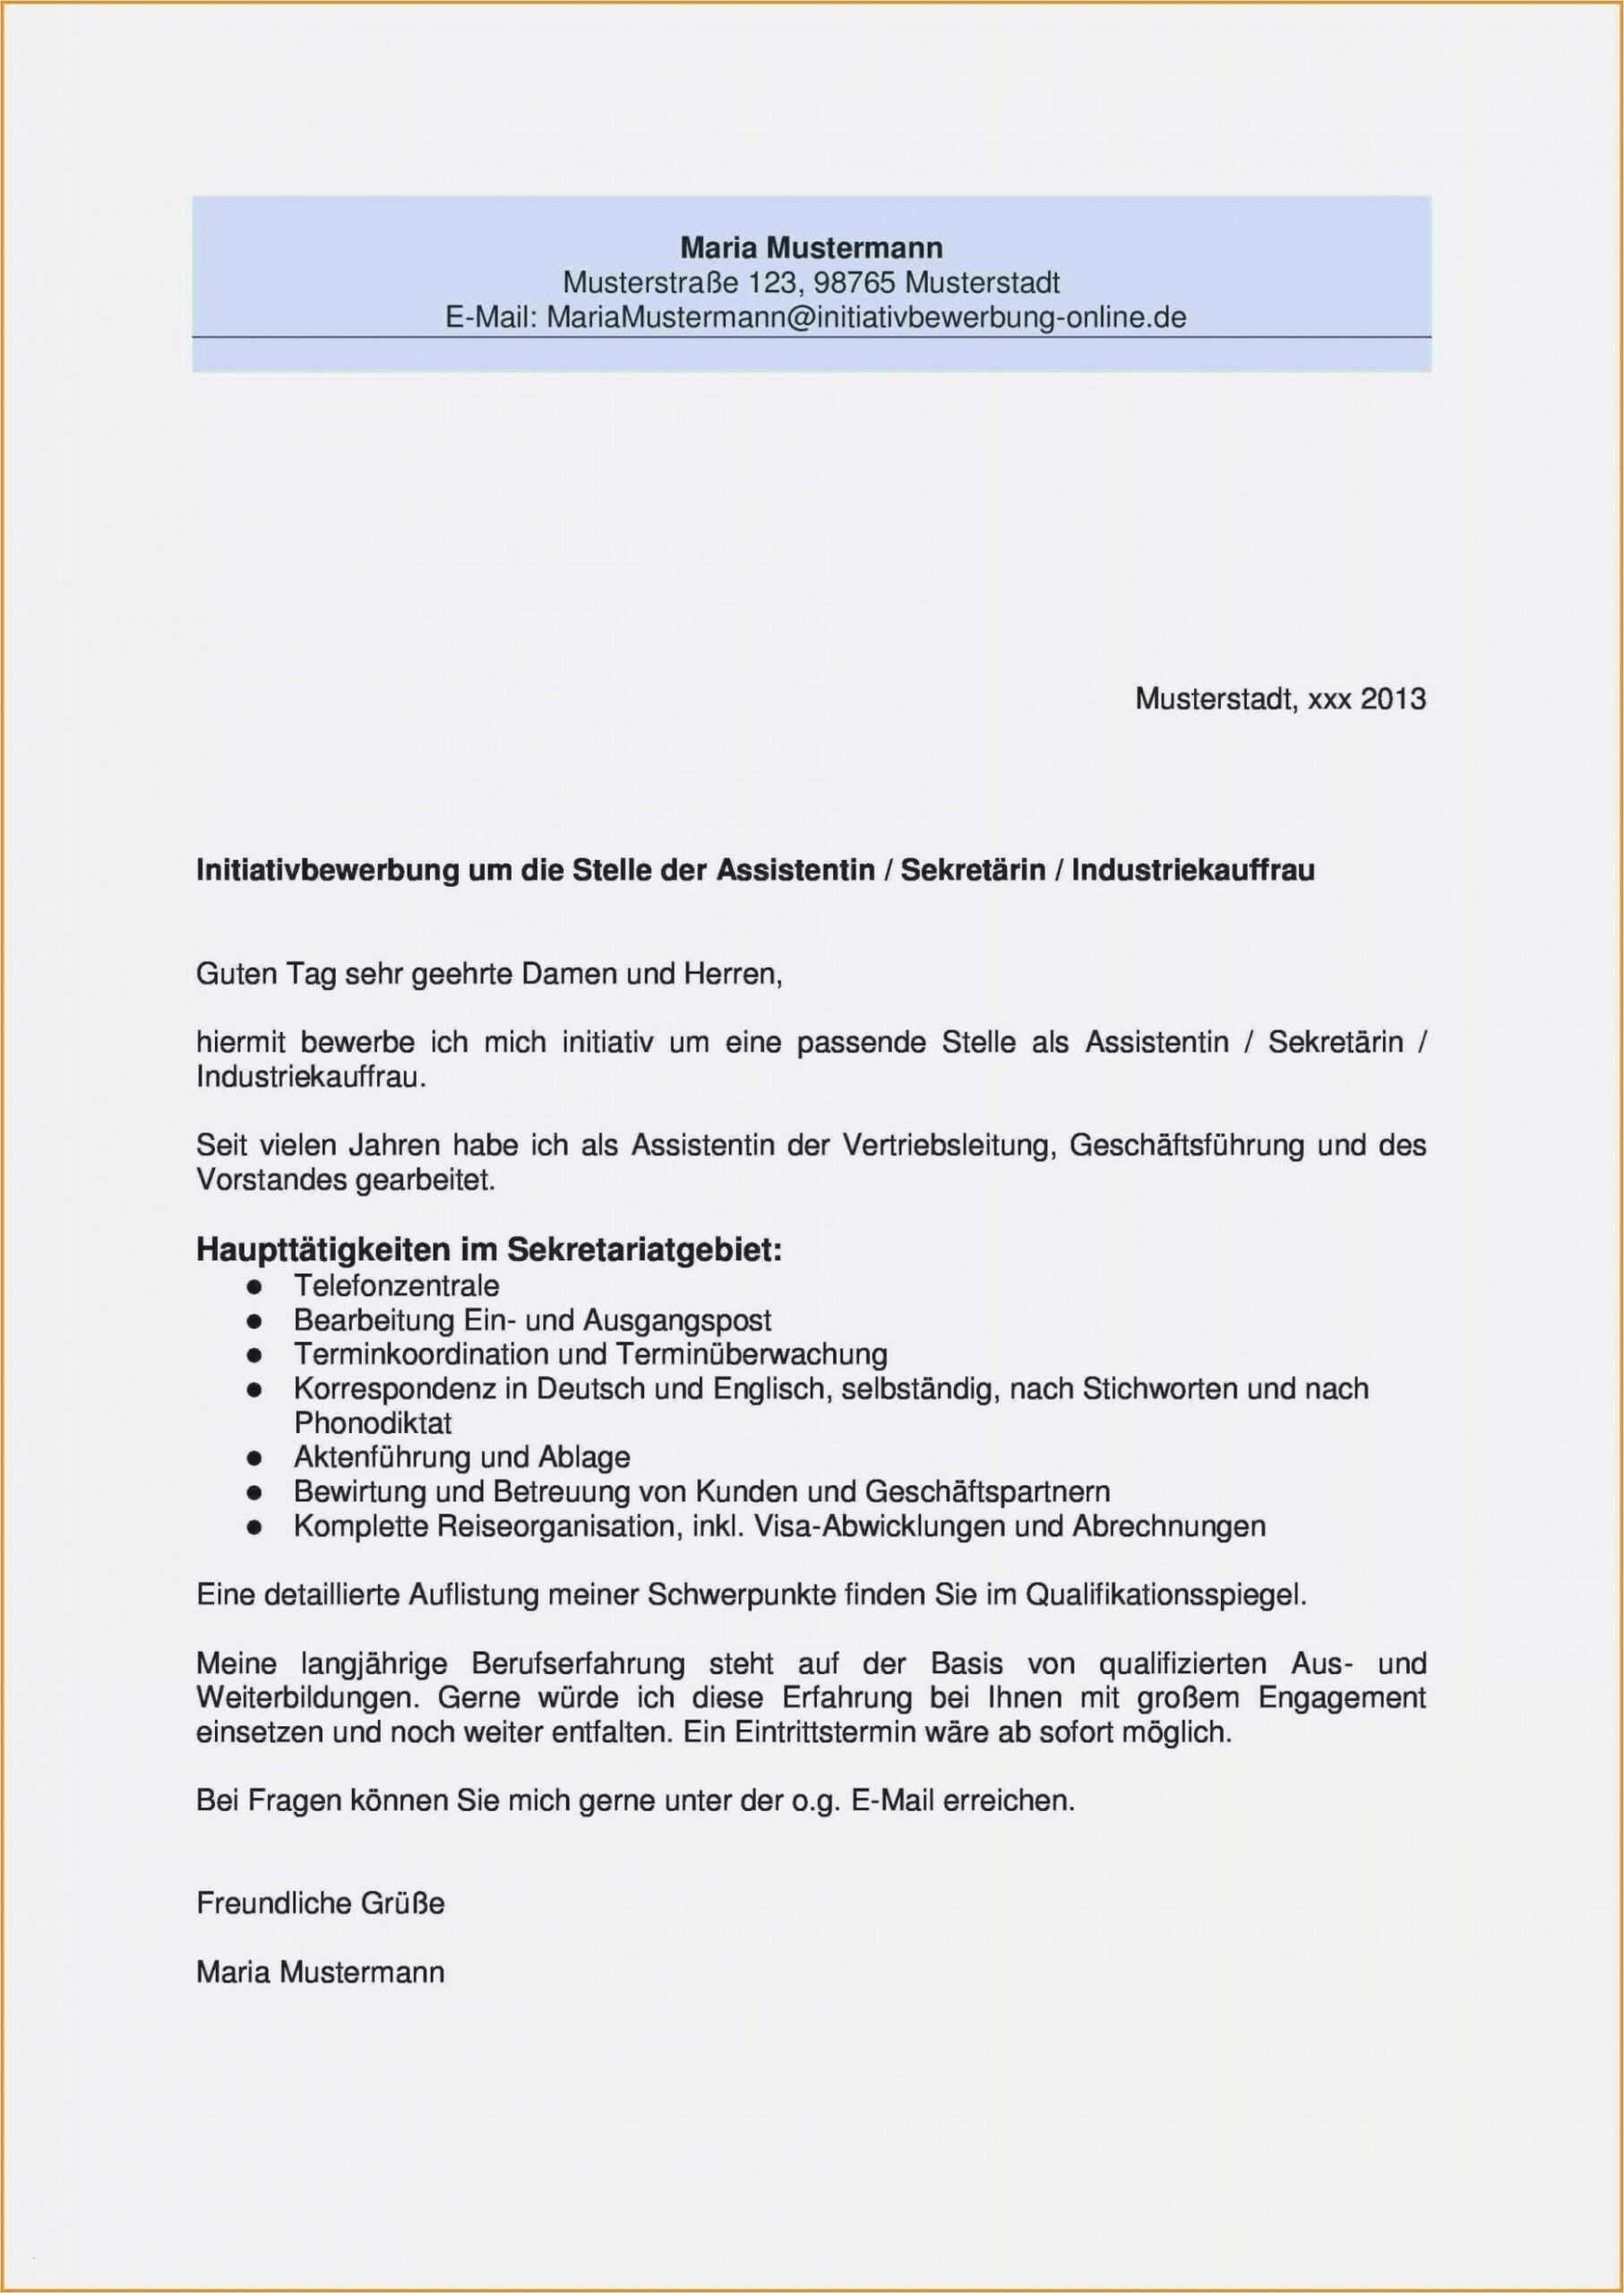 Qualifizierter Lebenslauf Vorlage Initiativbewerbung Initiativbewerbung Lebenslauf Muste In 2020 Lebenslauf Vorlagen Lebenslauf Bewerbung Anschreiben Muster